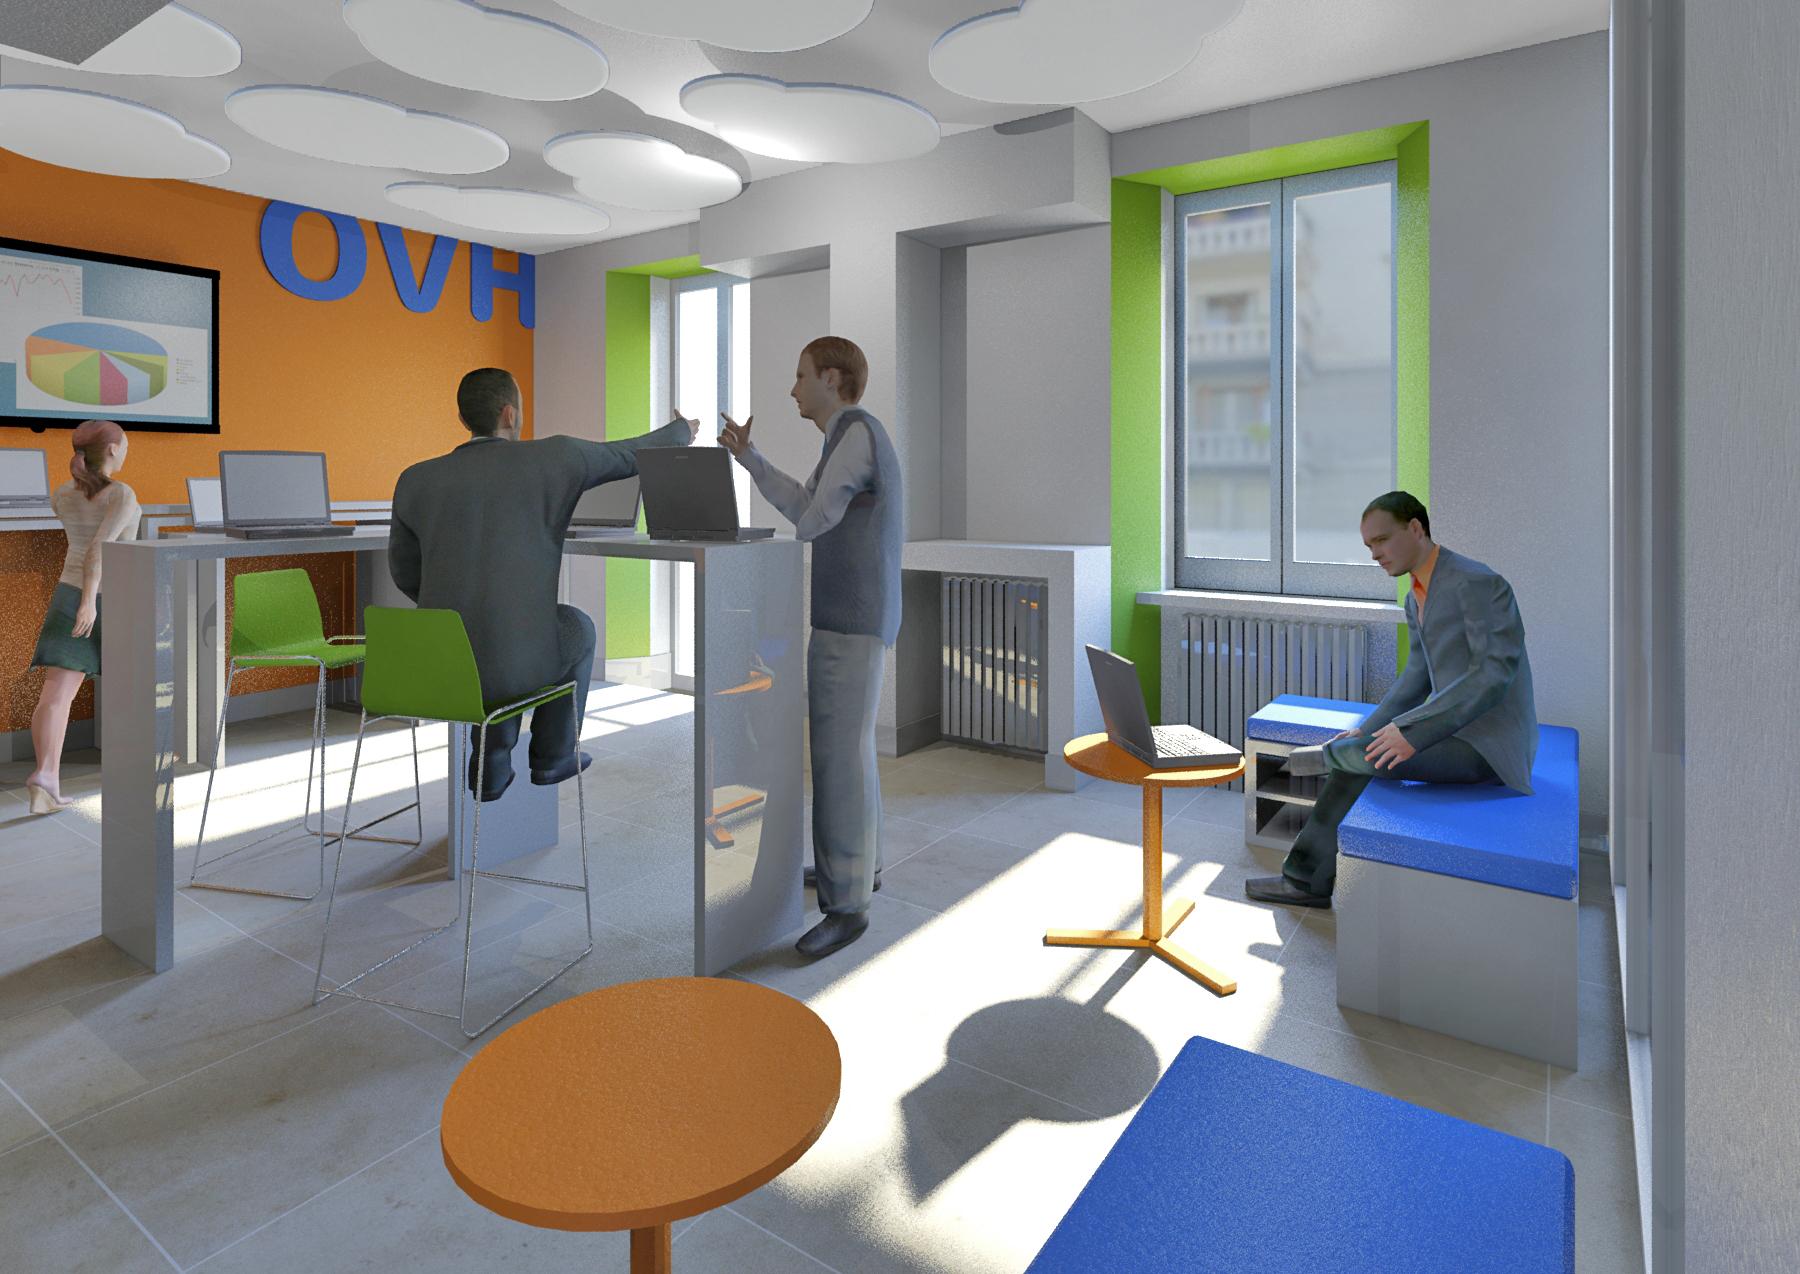 Architettura d'interni e arredamento ‹ Architetto Irene Maggi (Milano) – Studio di architettura ...